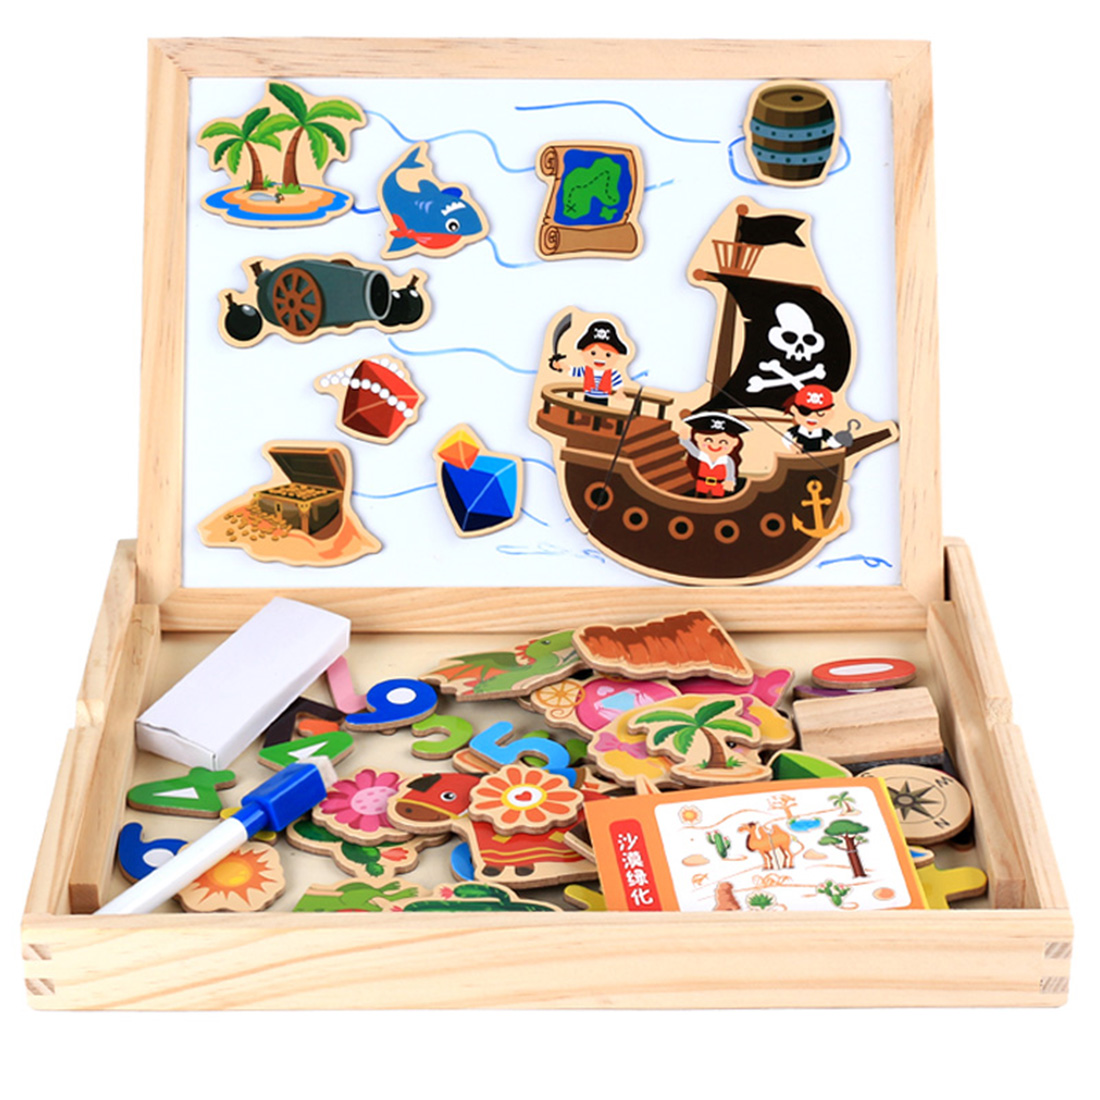 2019 Krijt Boord Dubbelzijdig Houten Magnetische Permanent Schildersezel Schilderen Board Vroege Educatief Speelgoed Voor Kinderen Tekening Kit Glanzend Oppervlak